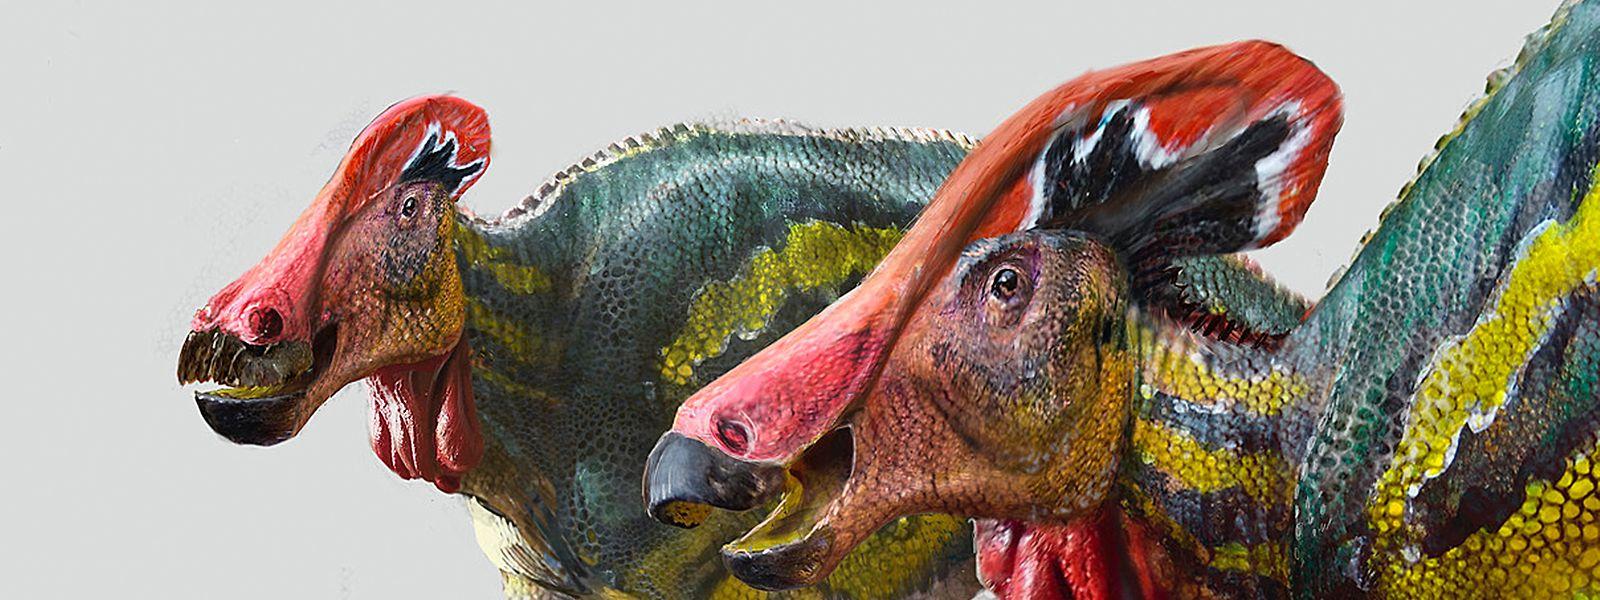 Die Illustration zeigt zwei Exemplare der Art Tlatolophus galorum.